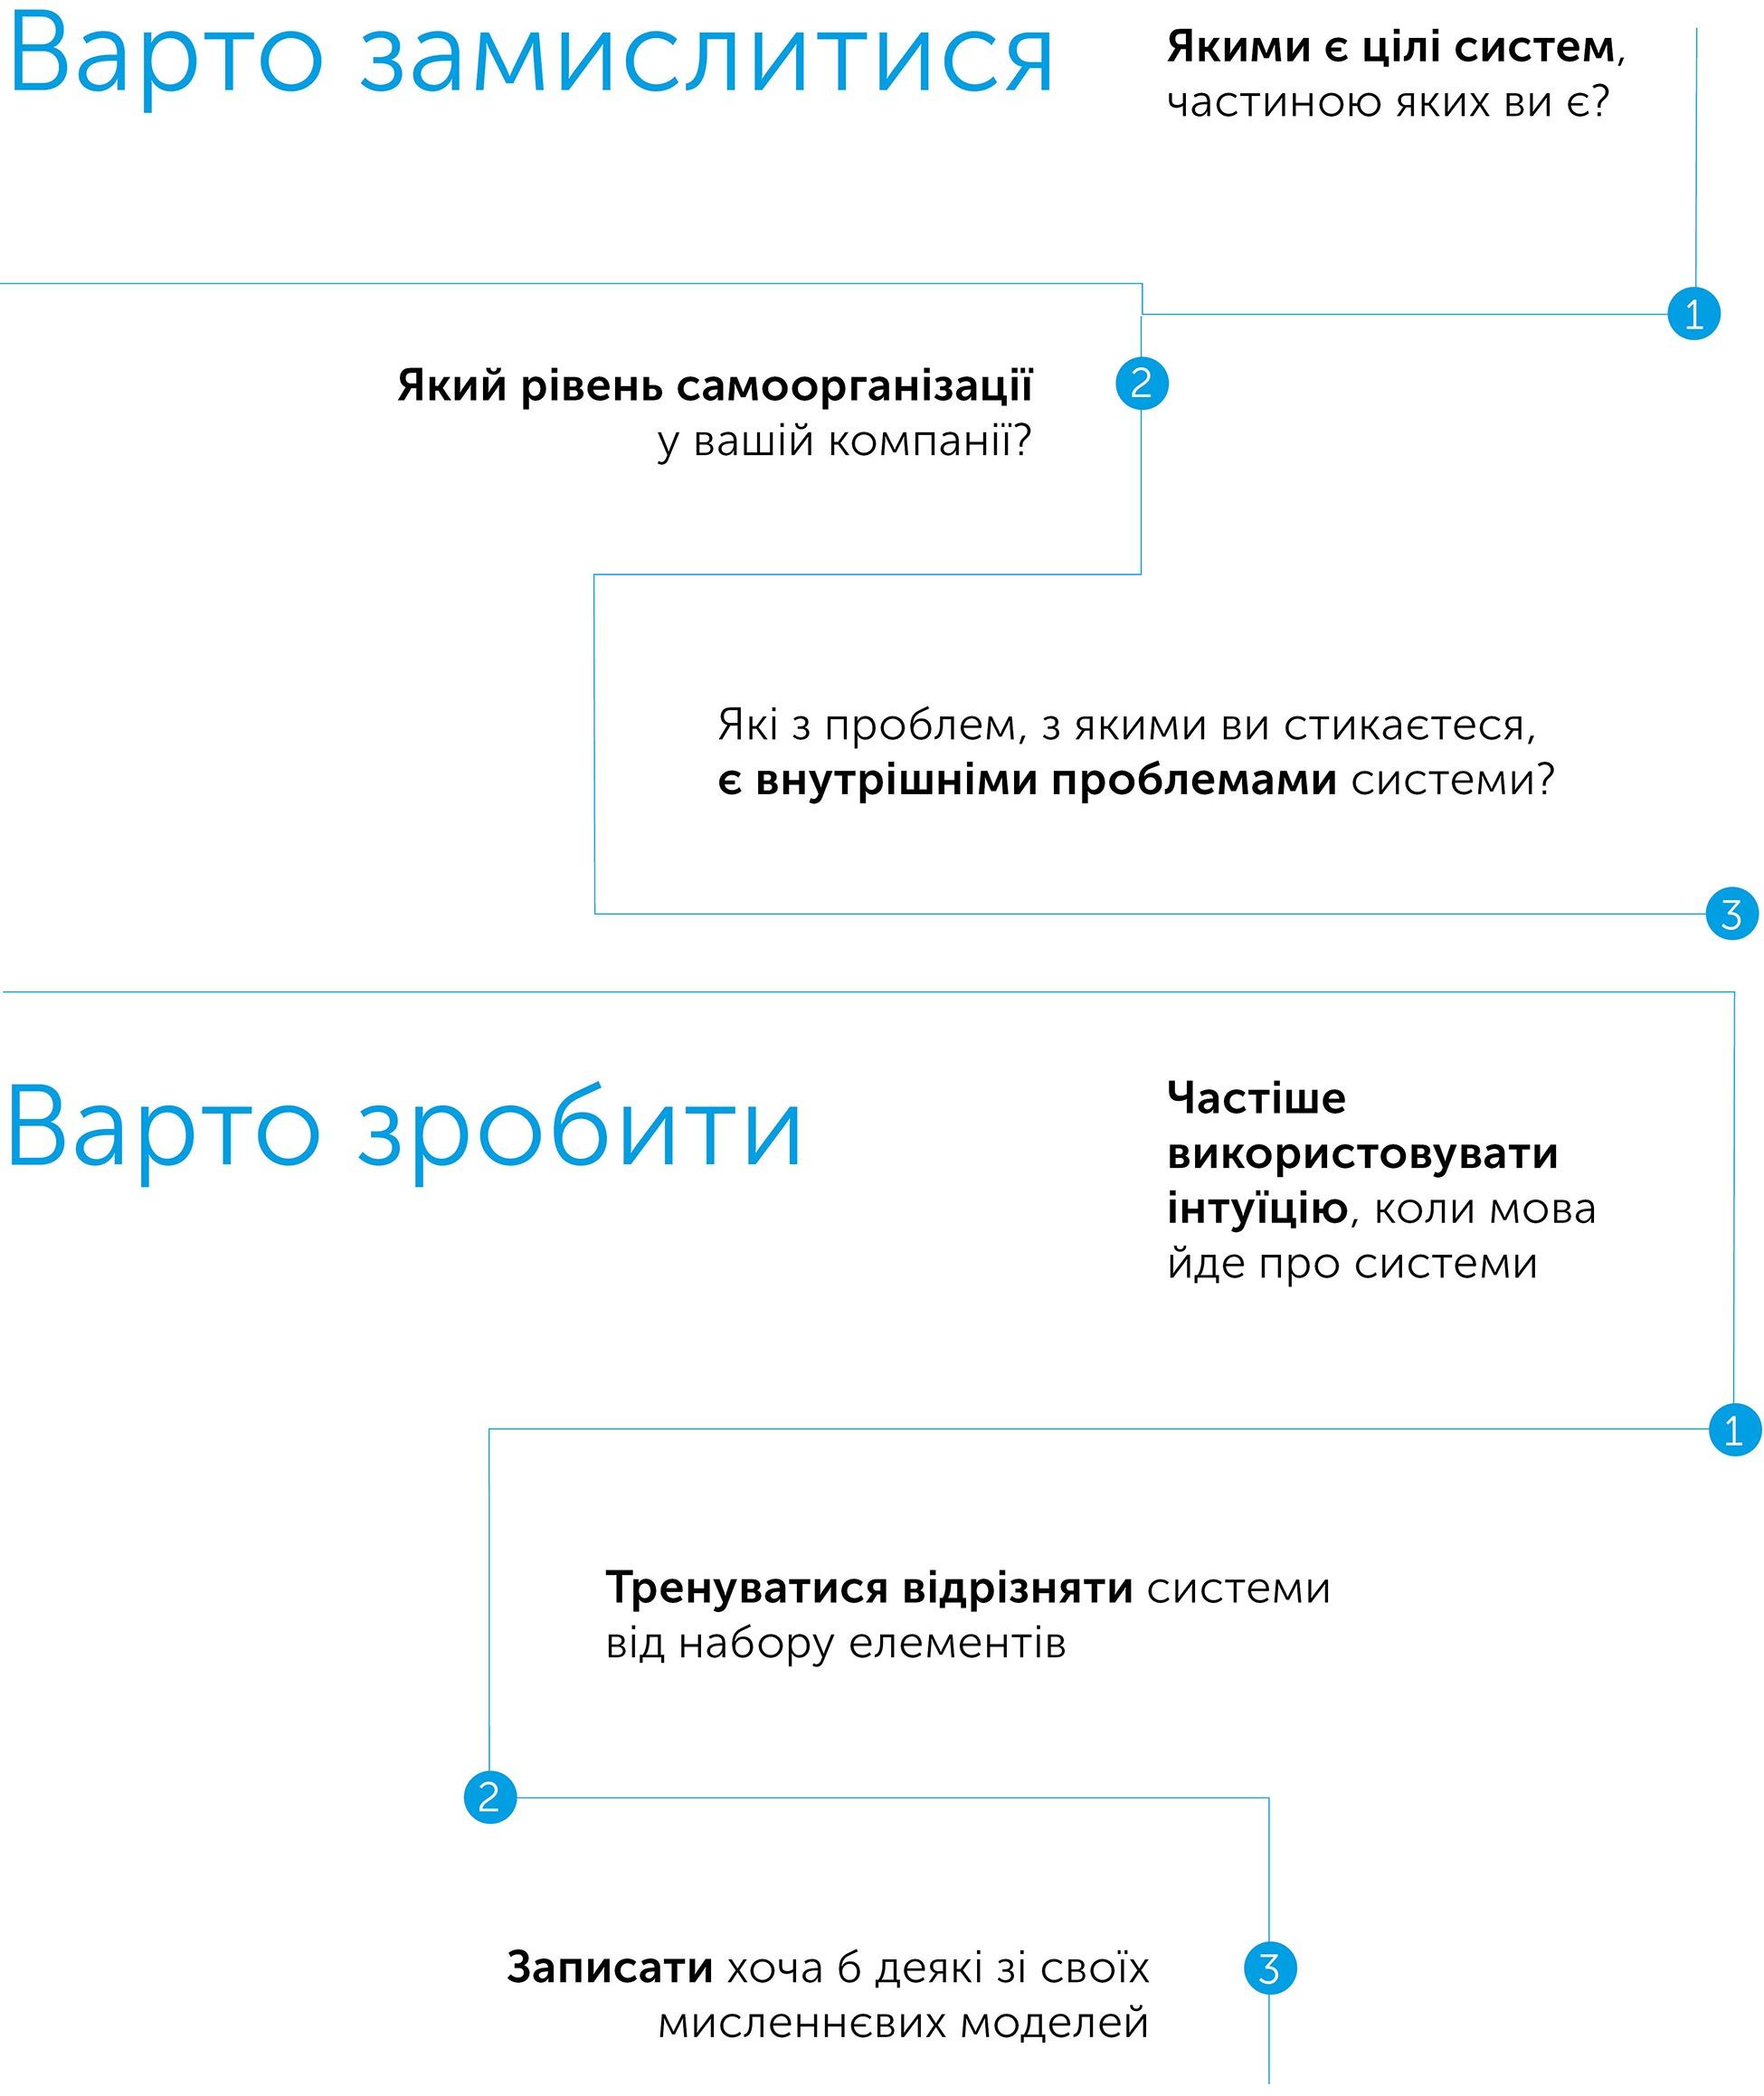 Азбука системного мислення. Як зрозуміти поведінку систем, автор Донелла Медоуз   Kyivstar Business Hub, зображення №4